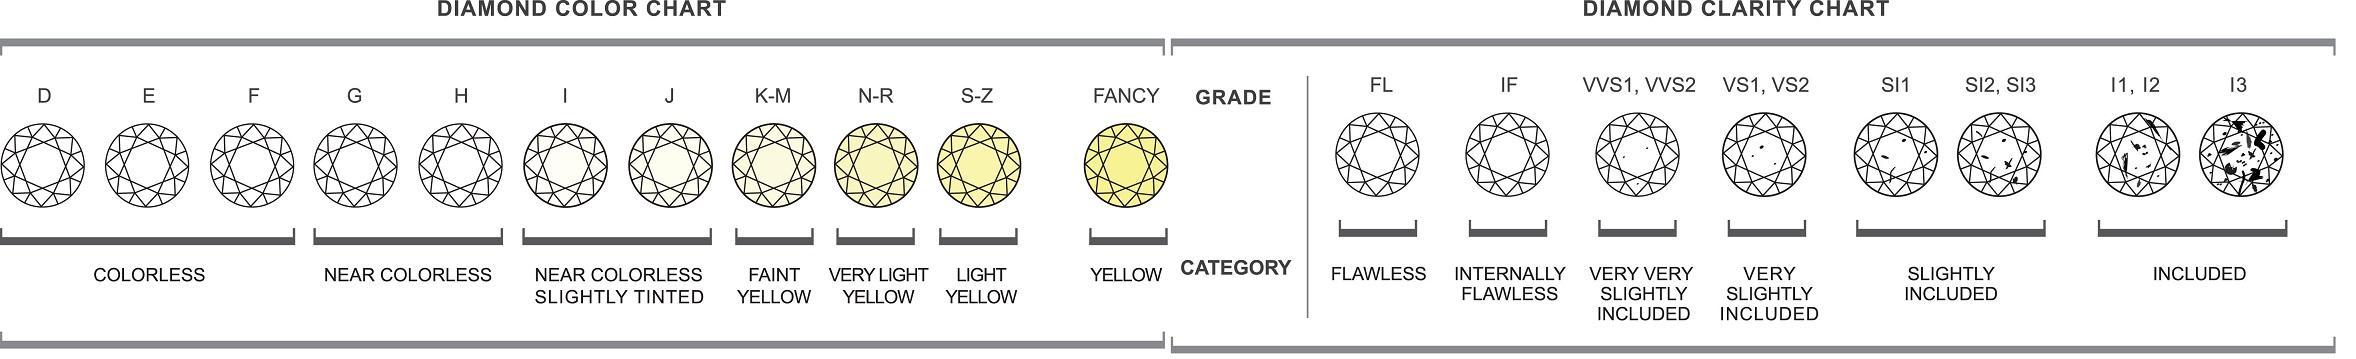 Diamond clarity color chart hatchurbanskript diamond clarity color chart nvjuhfo Gallery